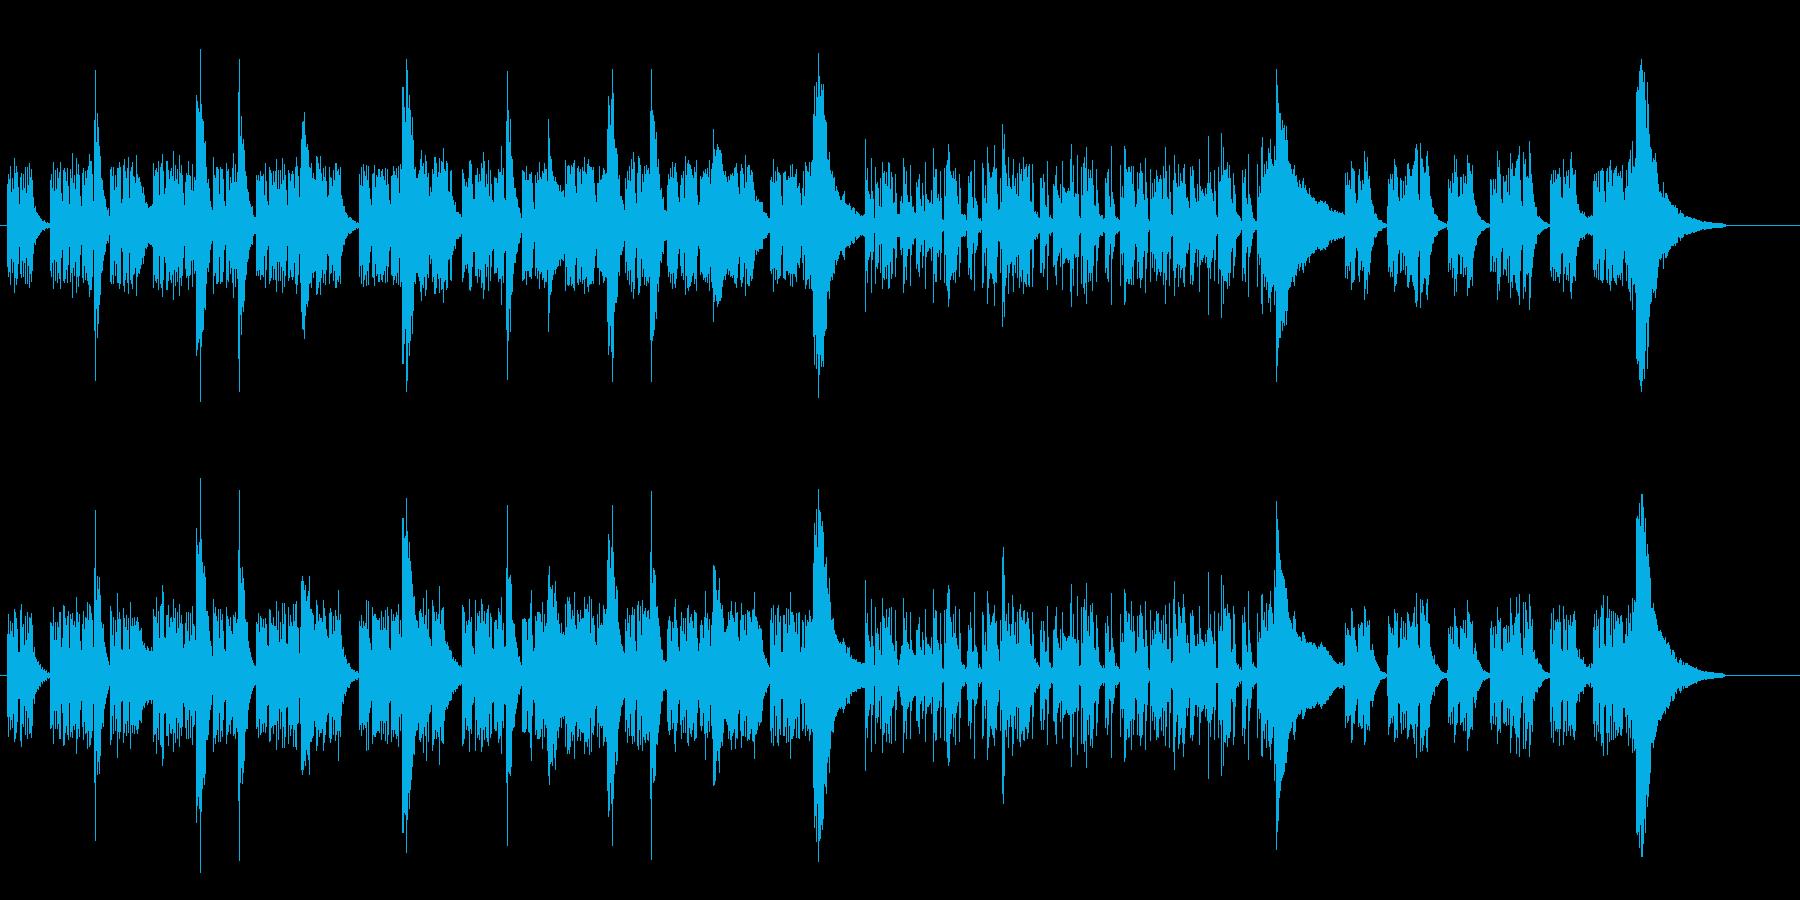 無機質で暗いドキュメンタリーBGMの再生済みの波形